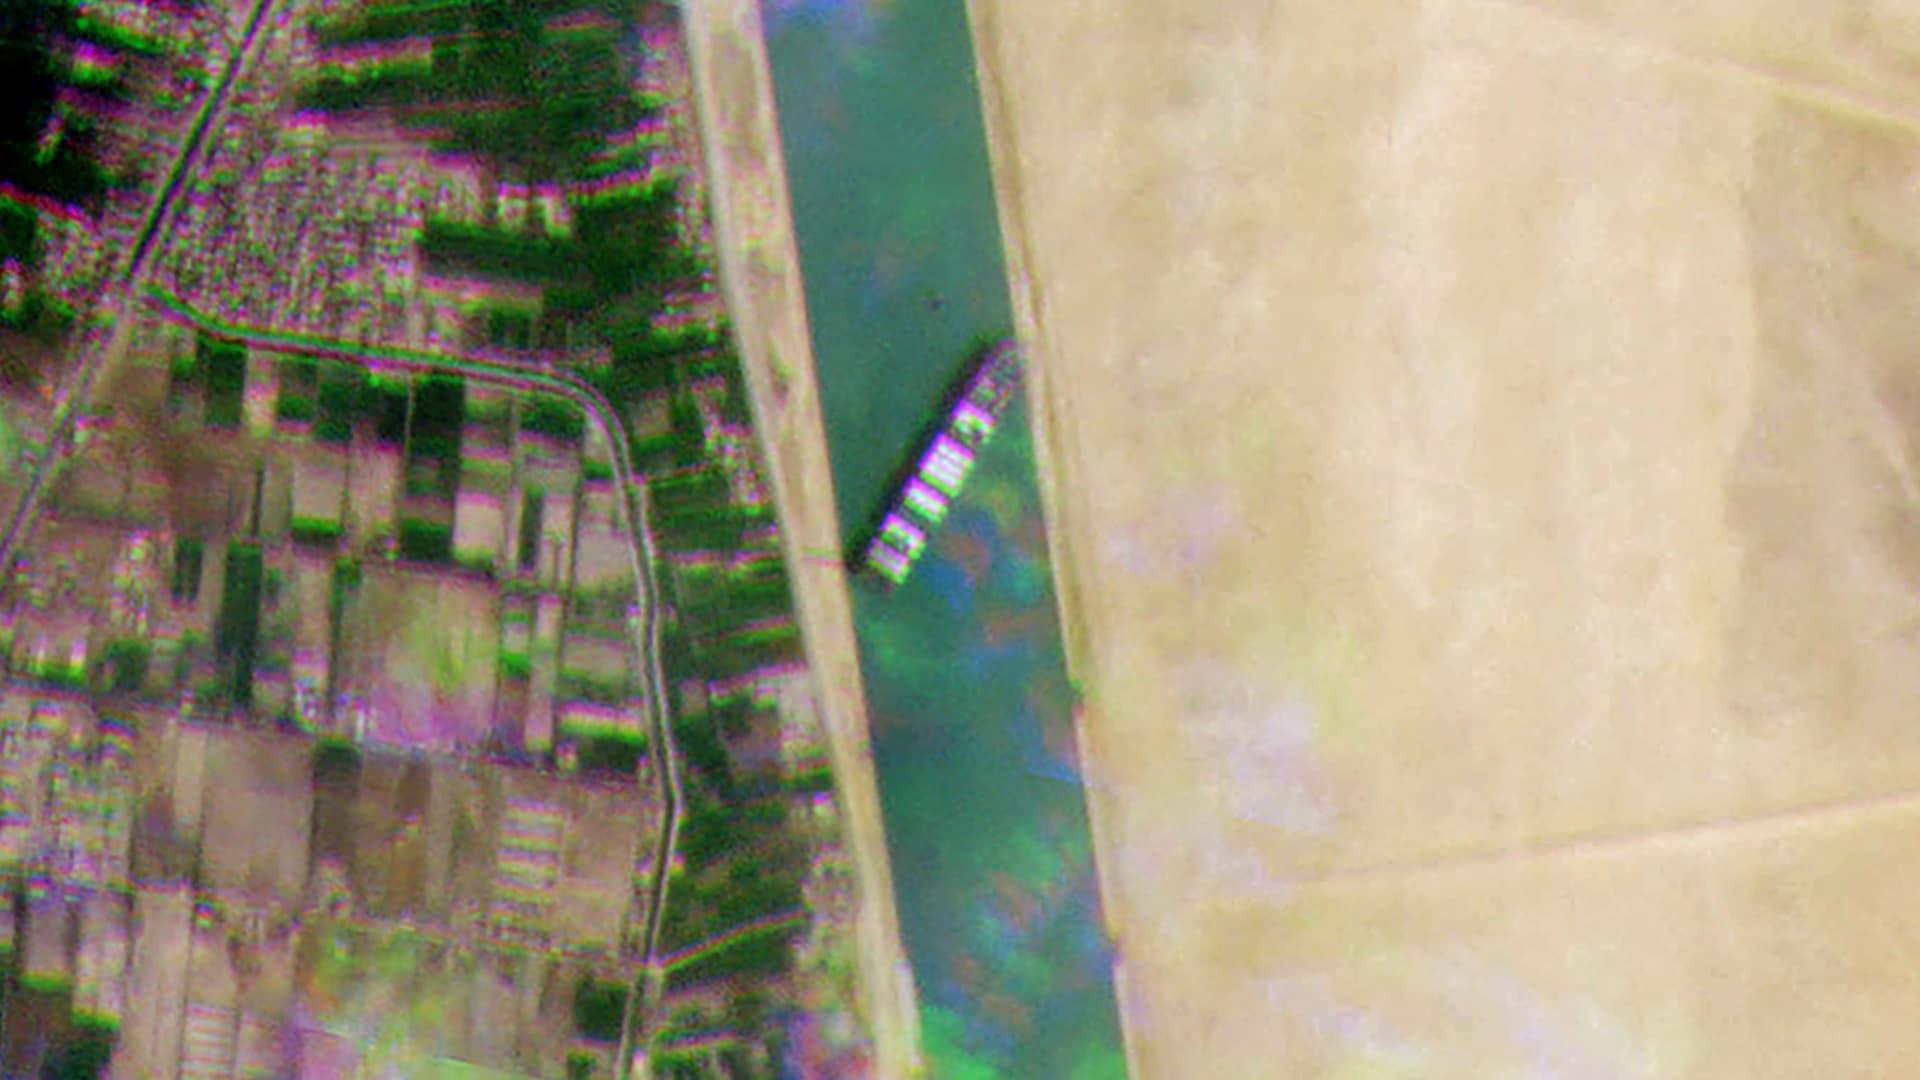 এদিকে ব্যস্ত খাল এভাবে অবরুদ্ধ হওয়ায় জলপথে তীব্র যানজটের সৃষ্টি হয়েছে। সুয়েজ খালের মাধ্যমে লোহিত সাগর ও ভূমধ্যসাগর সংযুক্ত। এটি এশিয়া ও ইউরোপের মধ্যে সংক্ষিপ্ততম জলপথ। বৃহস্পতিবার প্রায় ১৫০ টি মালবাহী জাহাজকে মাঝ সমুদ্রে দাঁড়িয়ে পড়তে হয়েছে। এর ফলে ইউরোপ-এশিয়ায় পণ্য পরিবহণ ব্যবস্থায় বড়সড় ধাক্কার আশঙ্কা করেছেন কেউ কেউ। ছবি : টুইটার (Twitter)